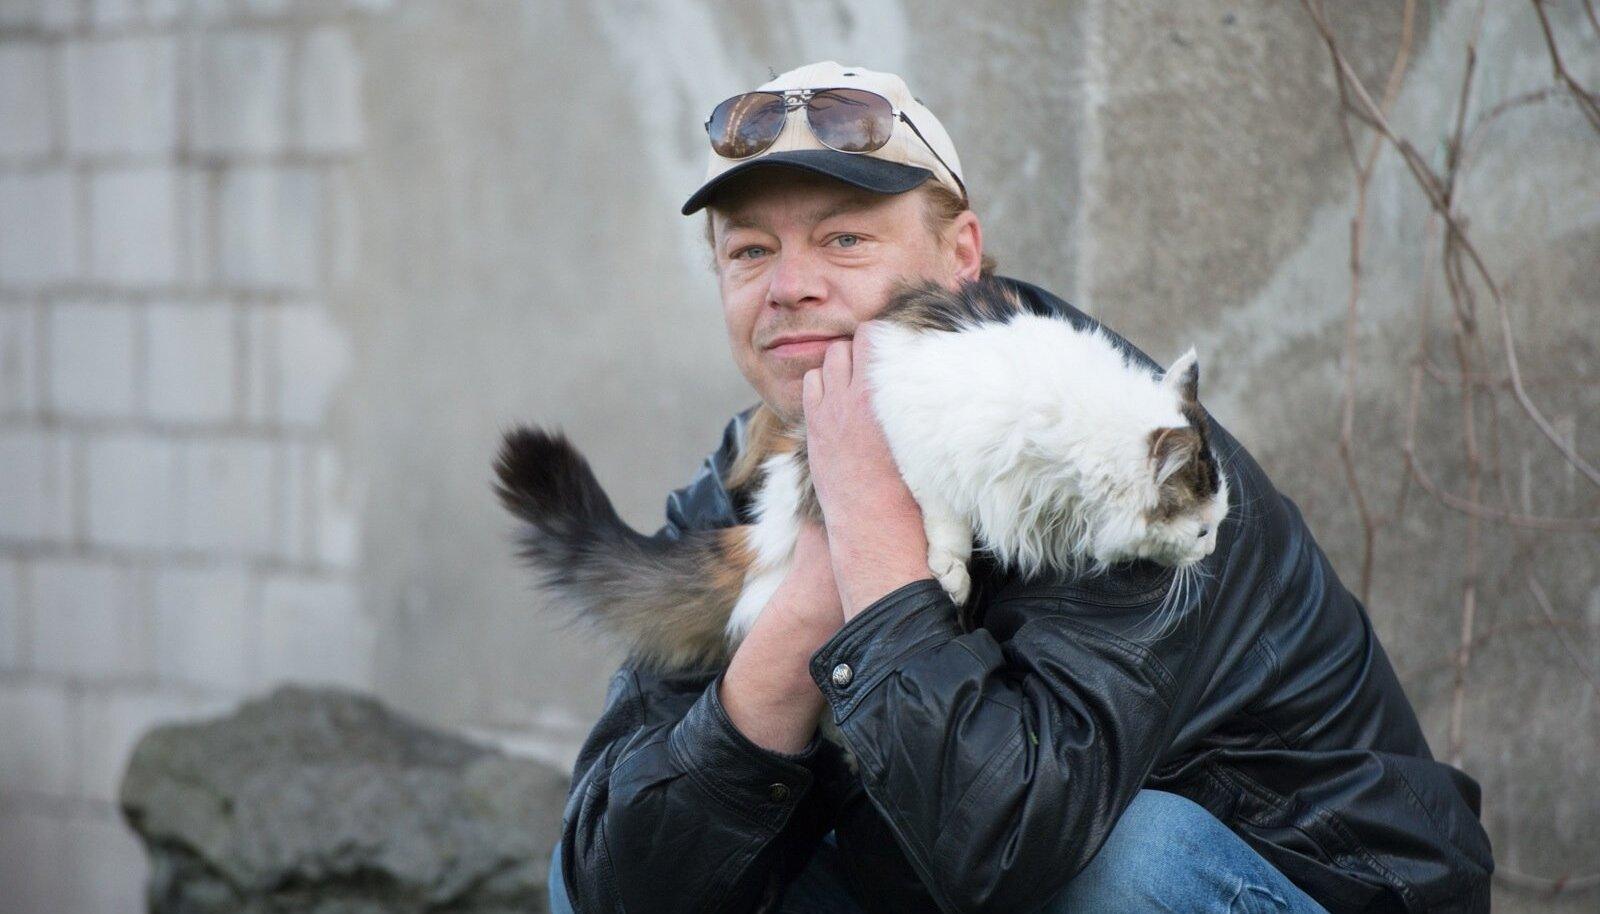 Janar Joala oma koduhoovis Lillekülas viievärvilise kassi Triinuga. Ema sõnul on Janar hella hingega inimene, kelle juurde jooksevad kõik lapsed ja loomad.